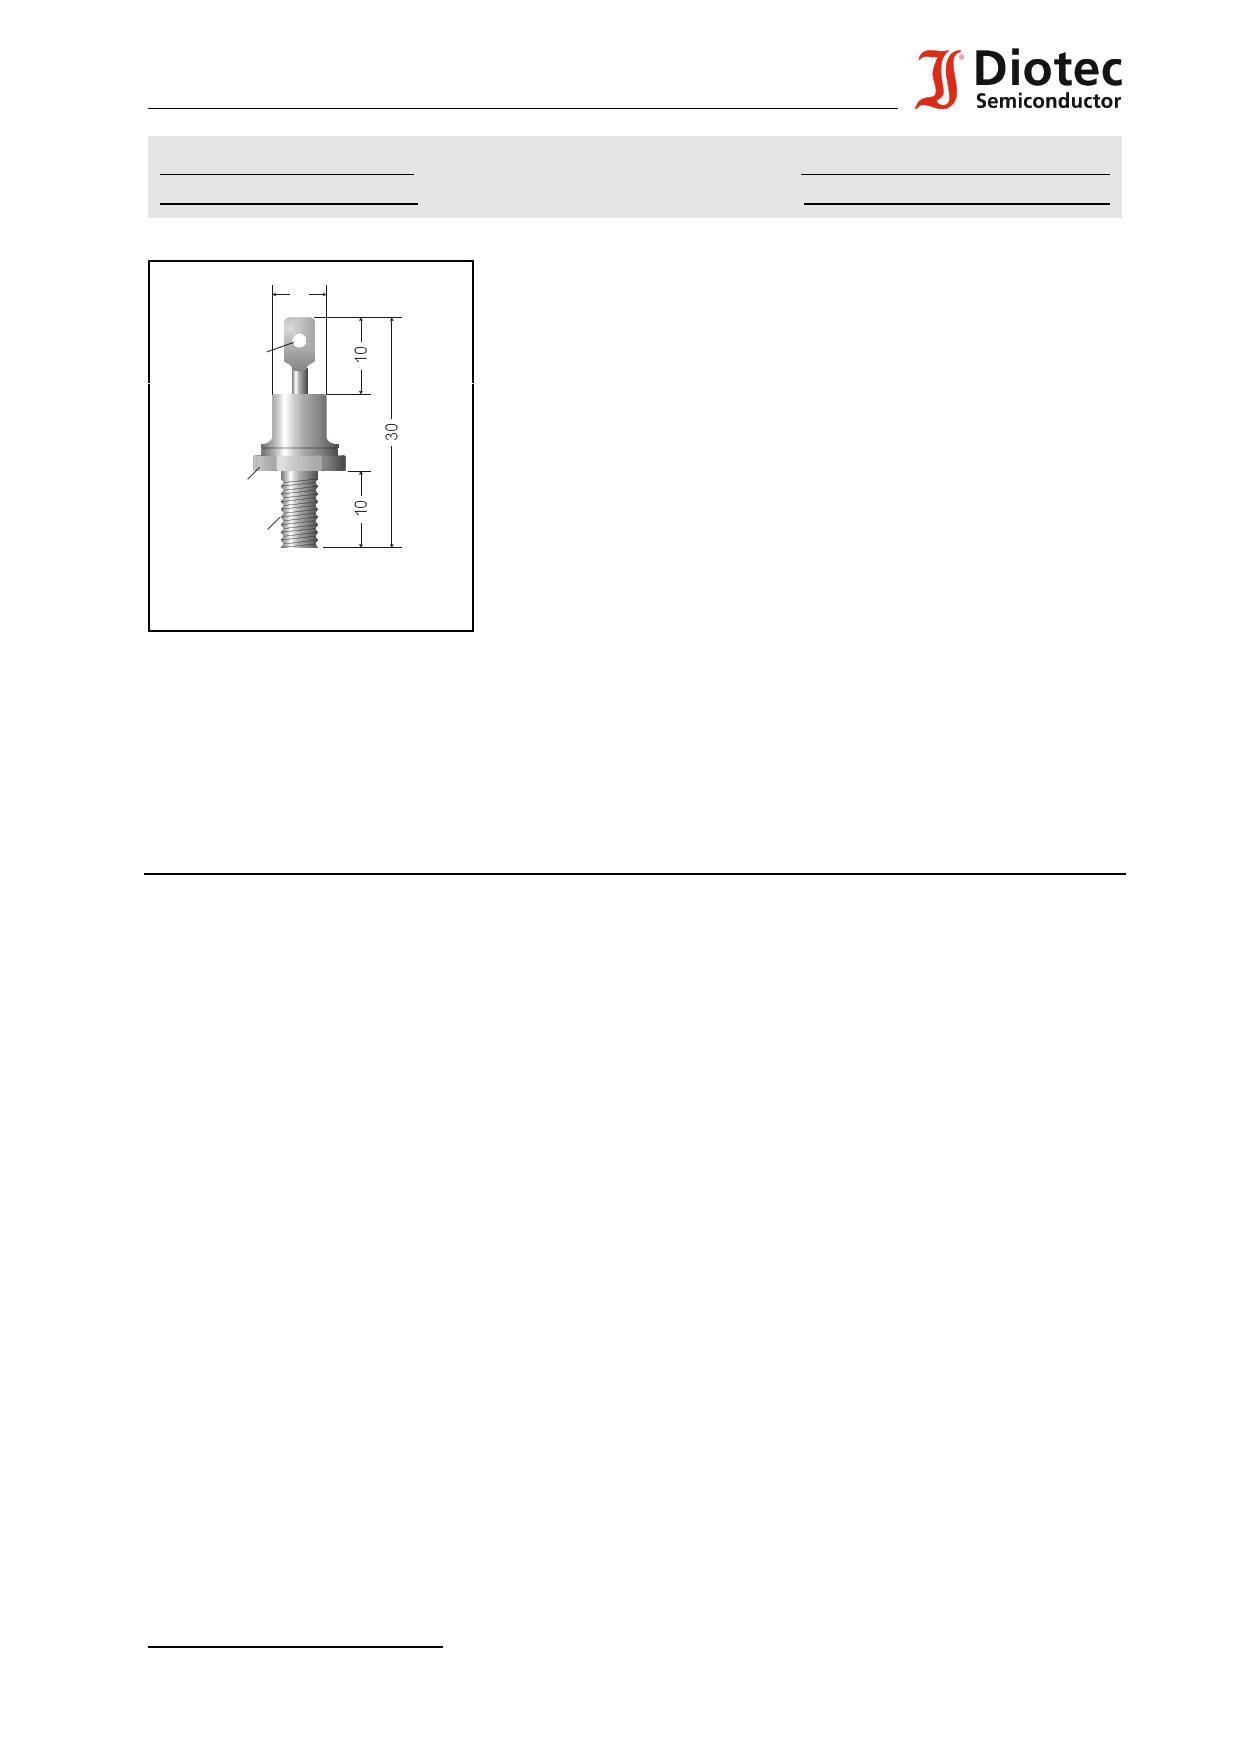 ZX4.7 datasheet